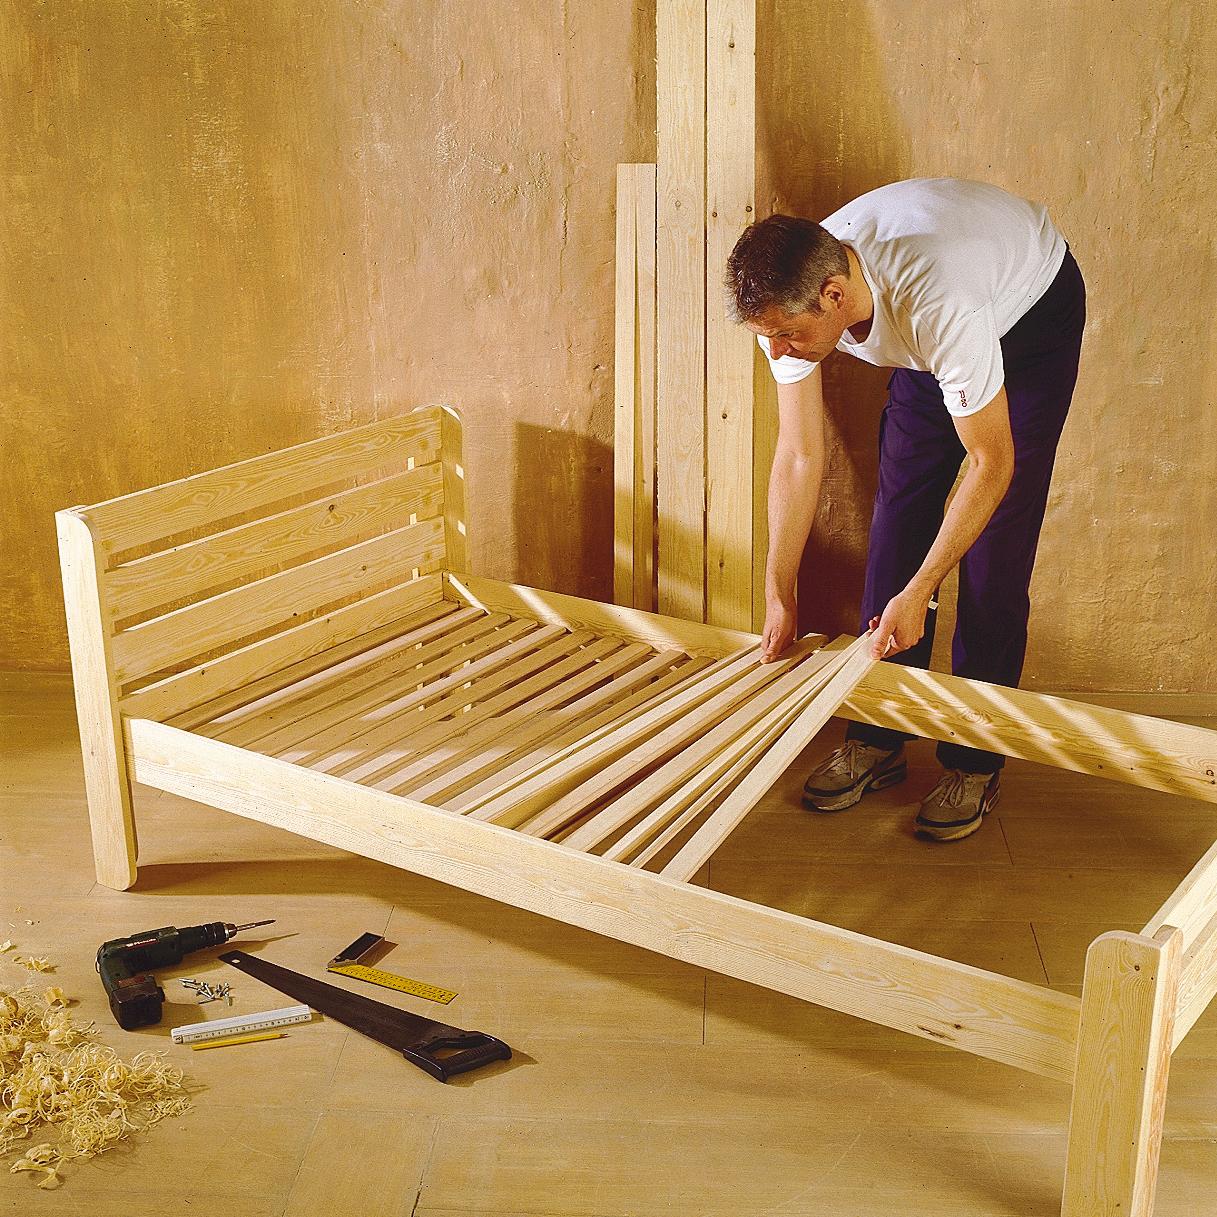 kinderzimmer einrichten holzarbeiten m bel. Black Bedroom Furniture Sets. Home Design Ideas